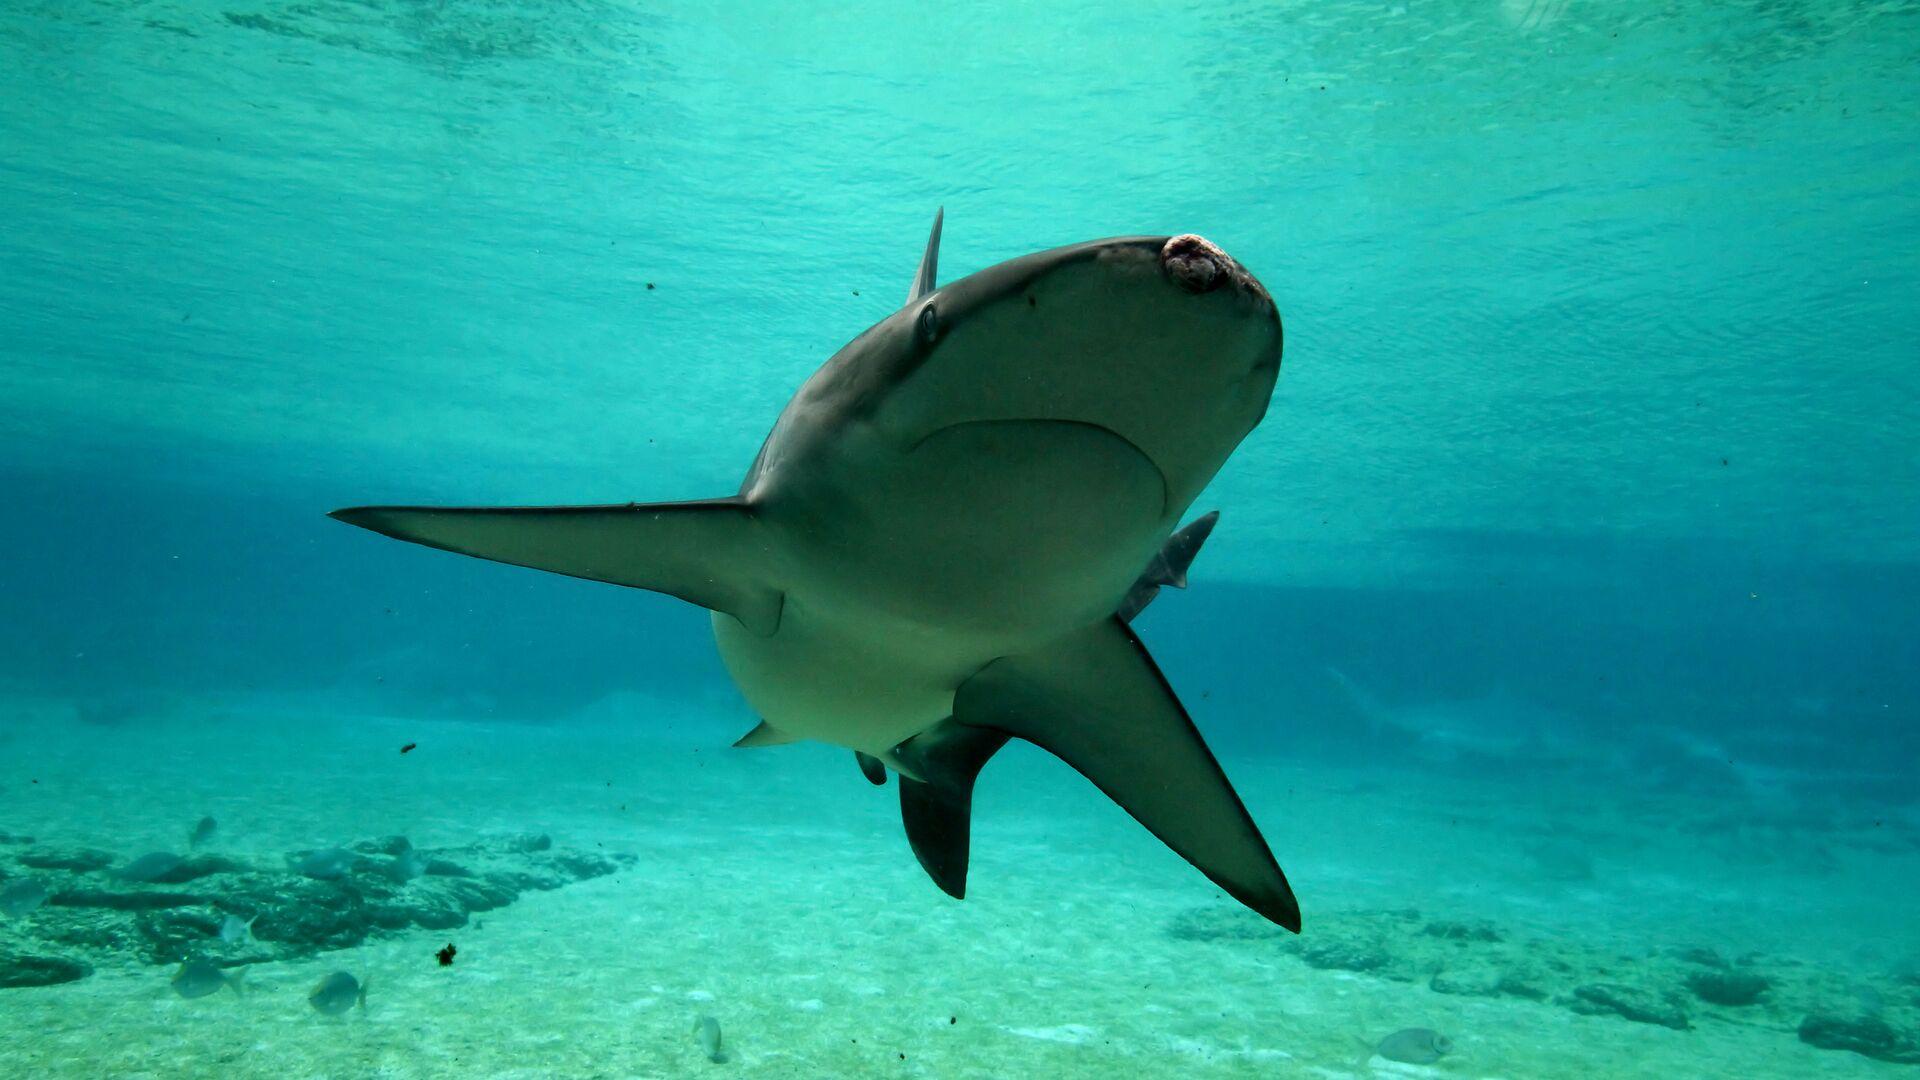 1527882155 0:270:5184:3186 1920x0 80 0 0 6b0d040ac37161772a8343182afef3e4 - В Австралии серфер рассказал, как акула пыталась утащить его под воду